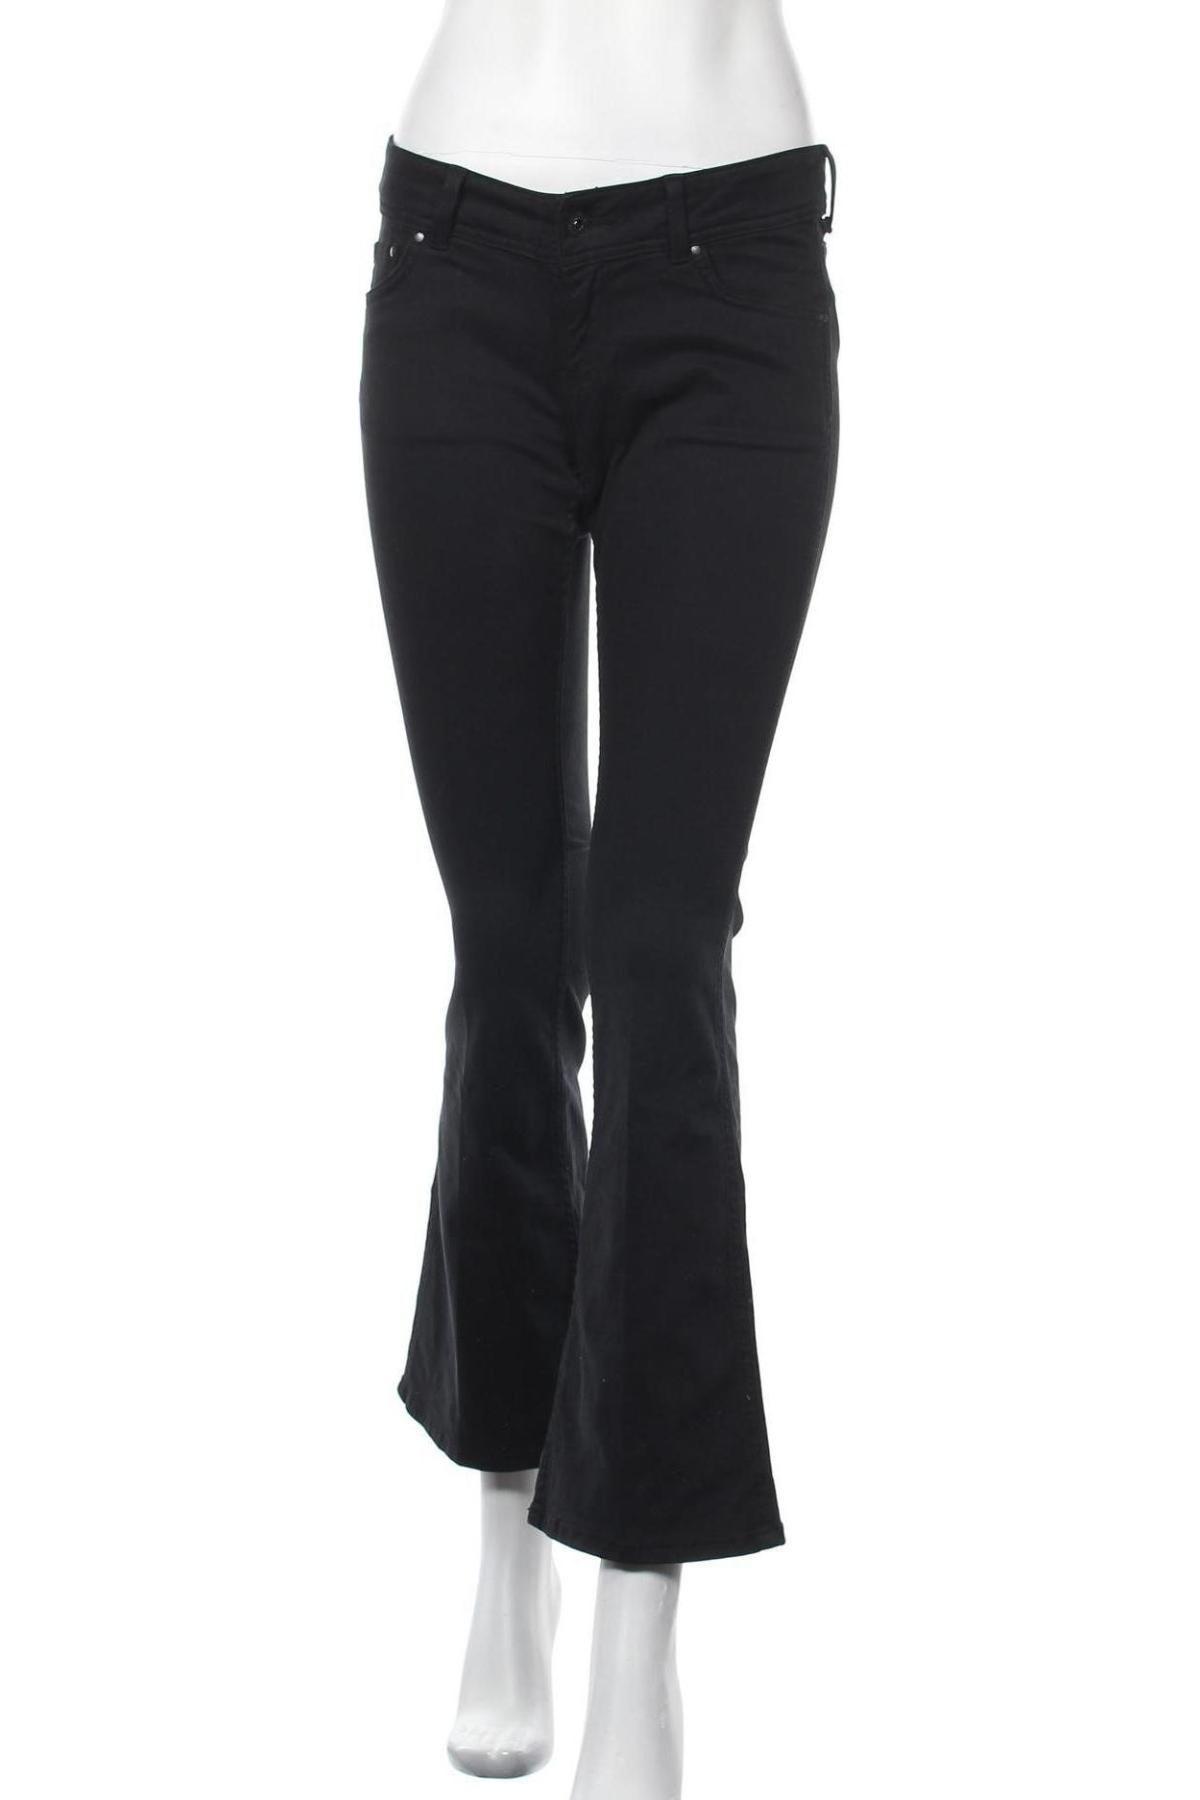 Γυναικείο παντελόνι Pepe Jeans, Μέγεθος S, Χρώμα Μαύρο, 97% βαμβάκι, 3% ελαστάνη, Τιμή 61,08€